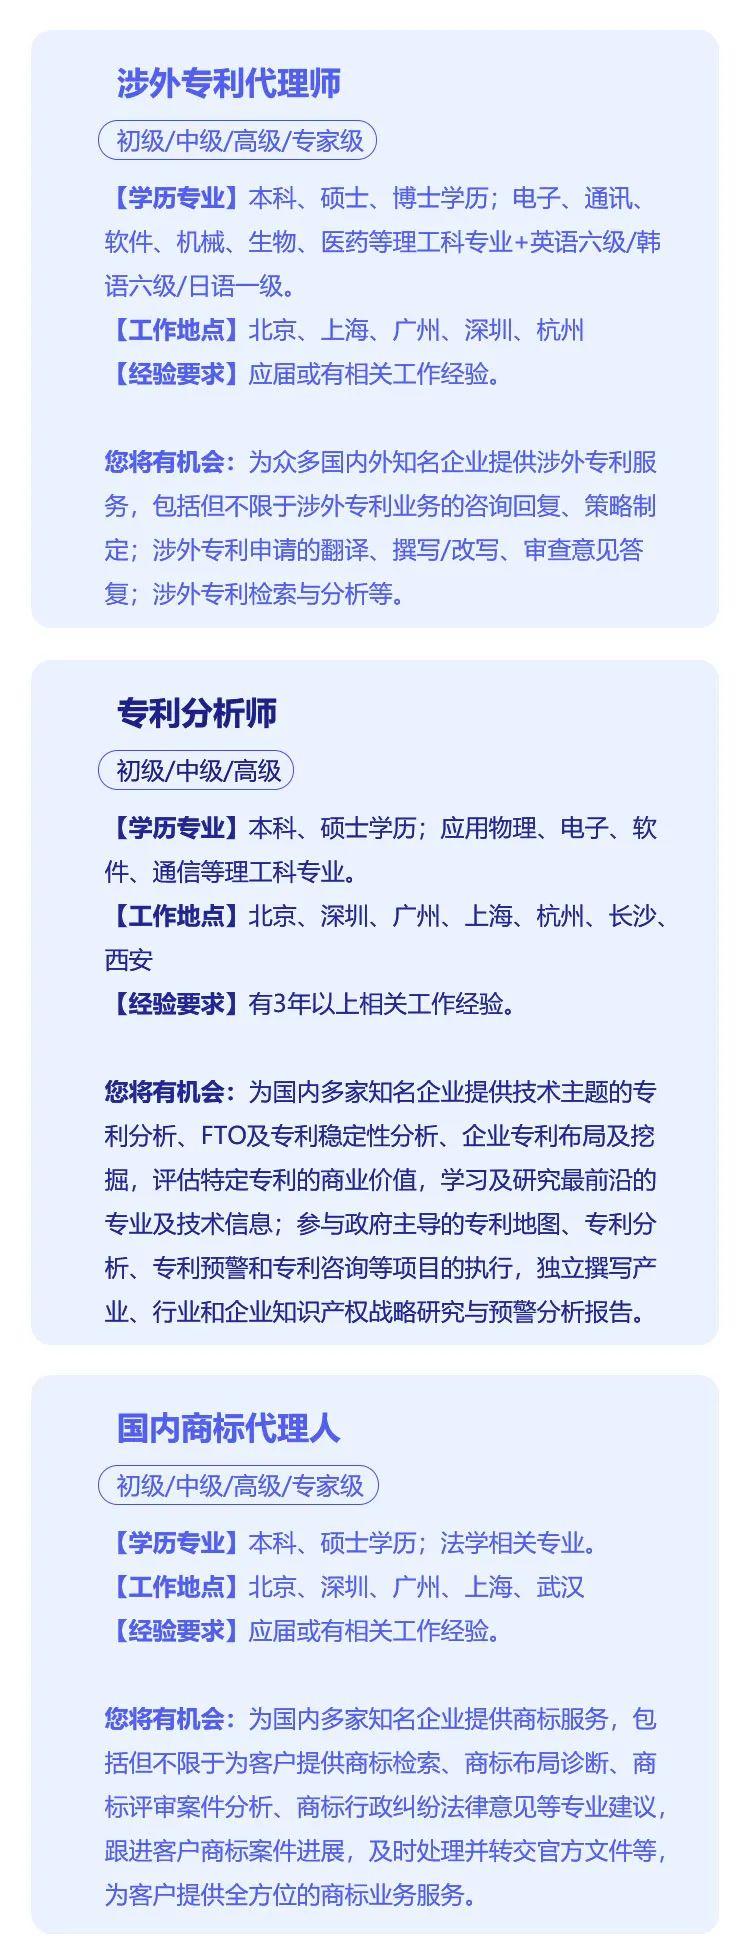 华进知识产权火热招聘季,HR想找您聊聊这些IP岗位~